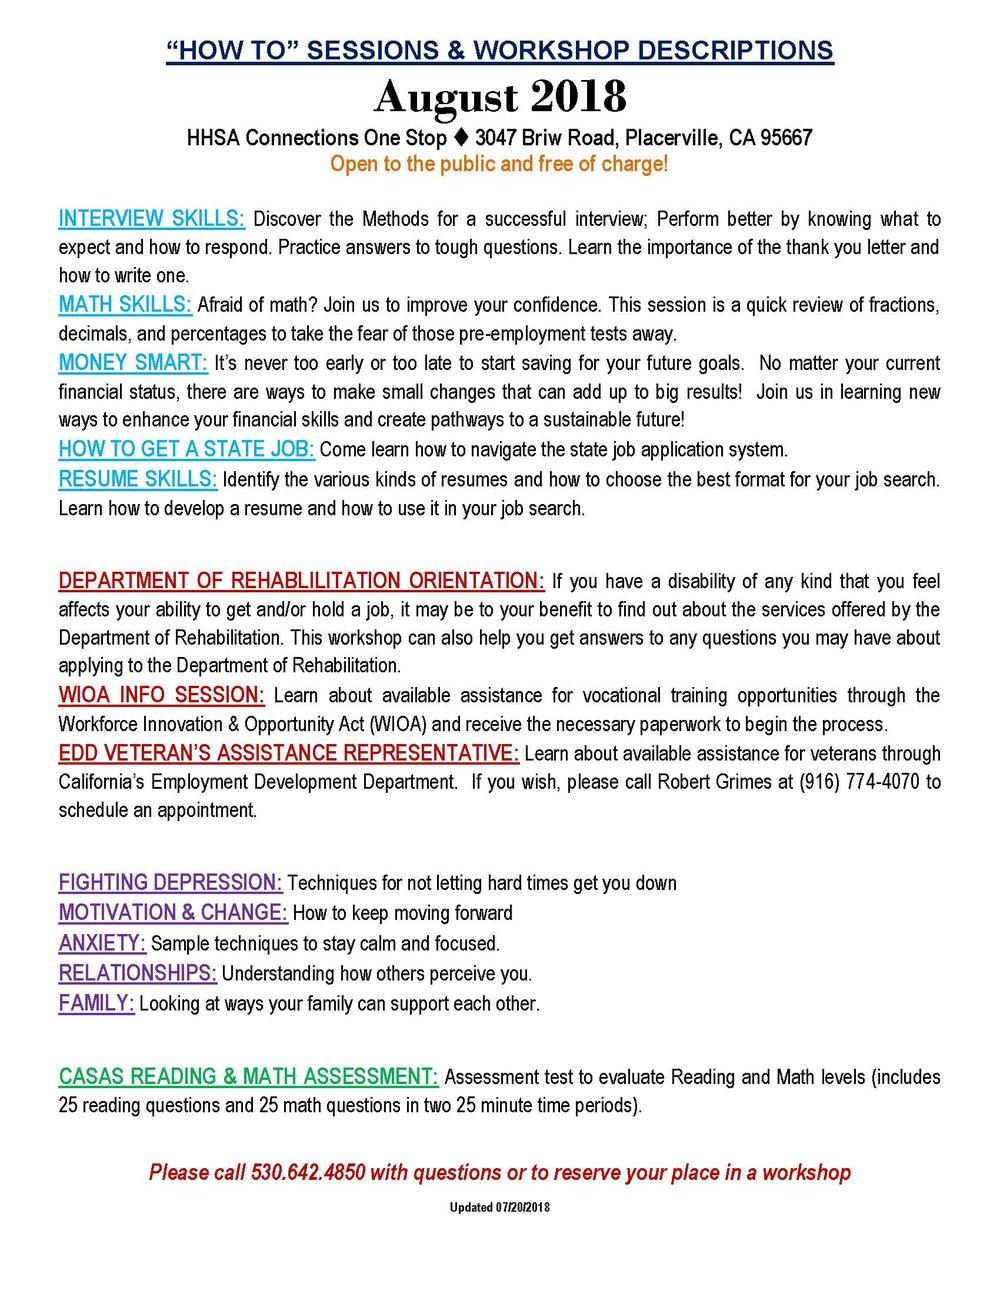 August Calendar Descriptions.jpg